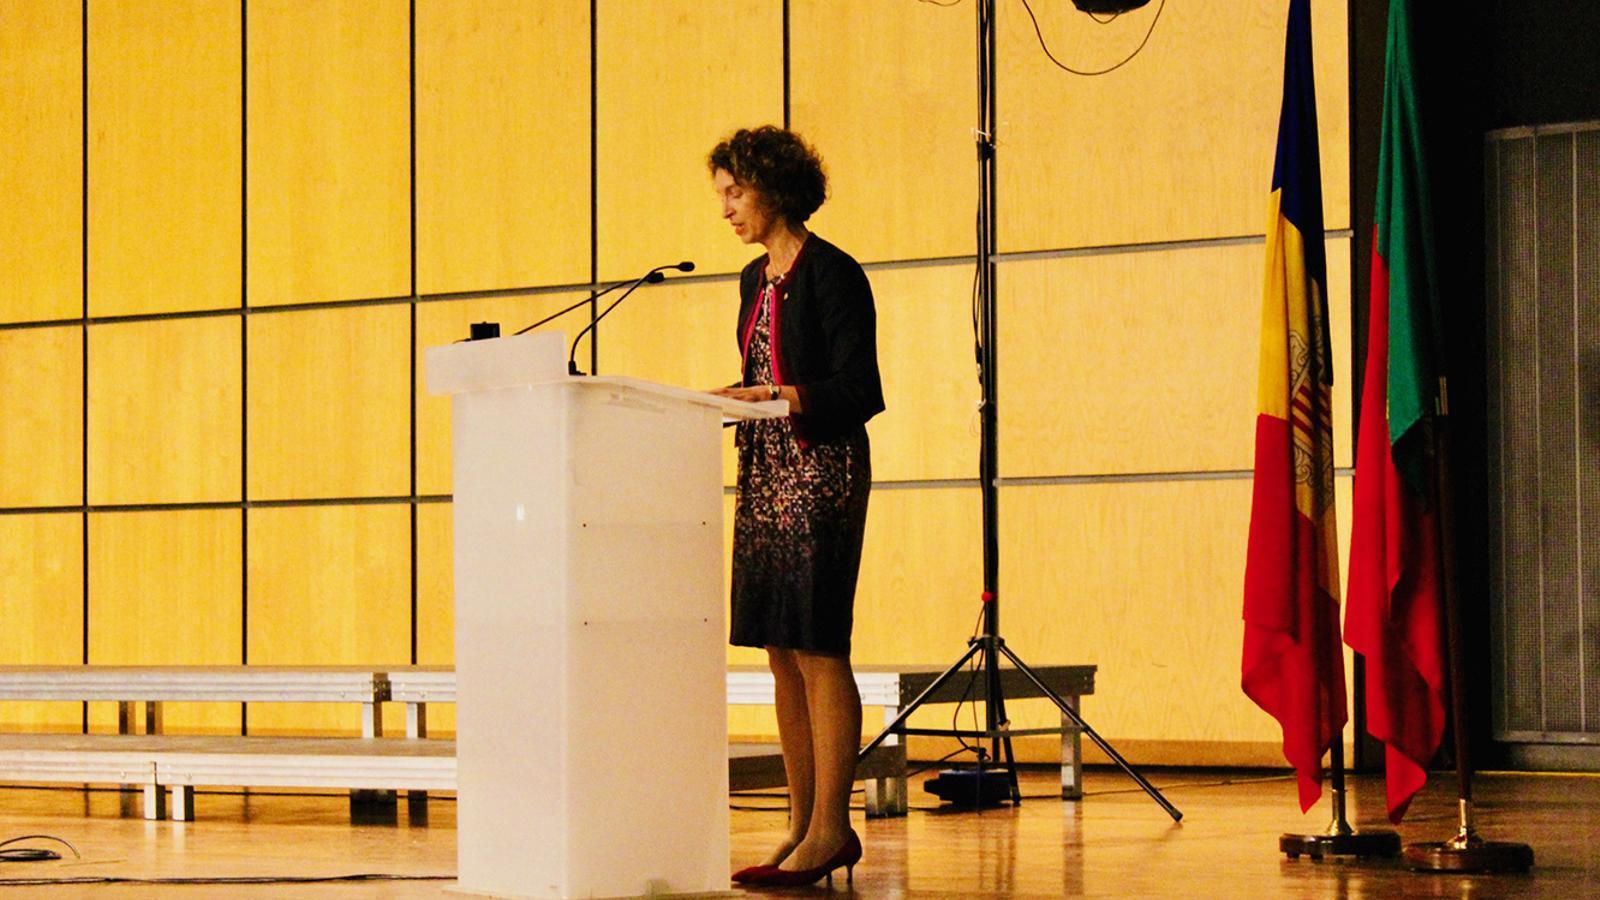 La ministra d'Afers Exteriors, Maria Ubach, durant l'acte de celebració dels 25 anys de relacions diplomàtiques entre Andorra i Portugal. / SFG